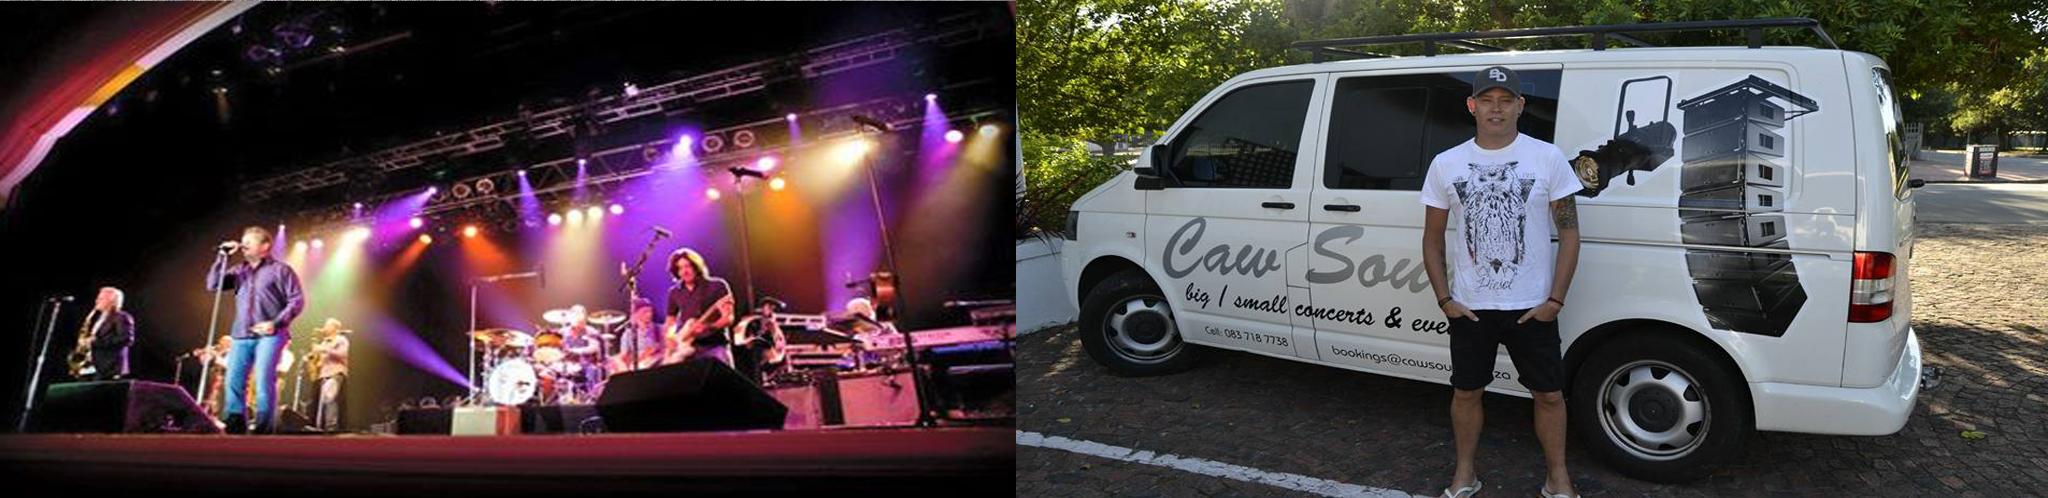 caw-sound